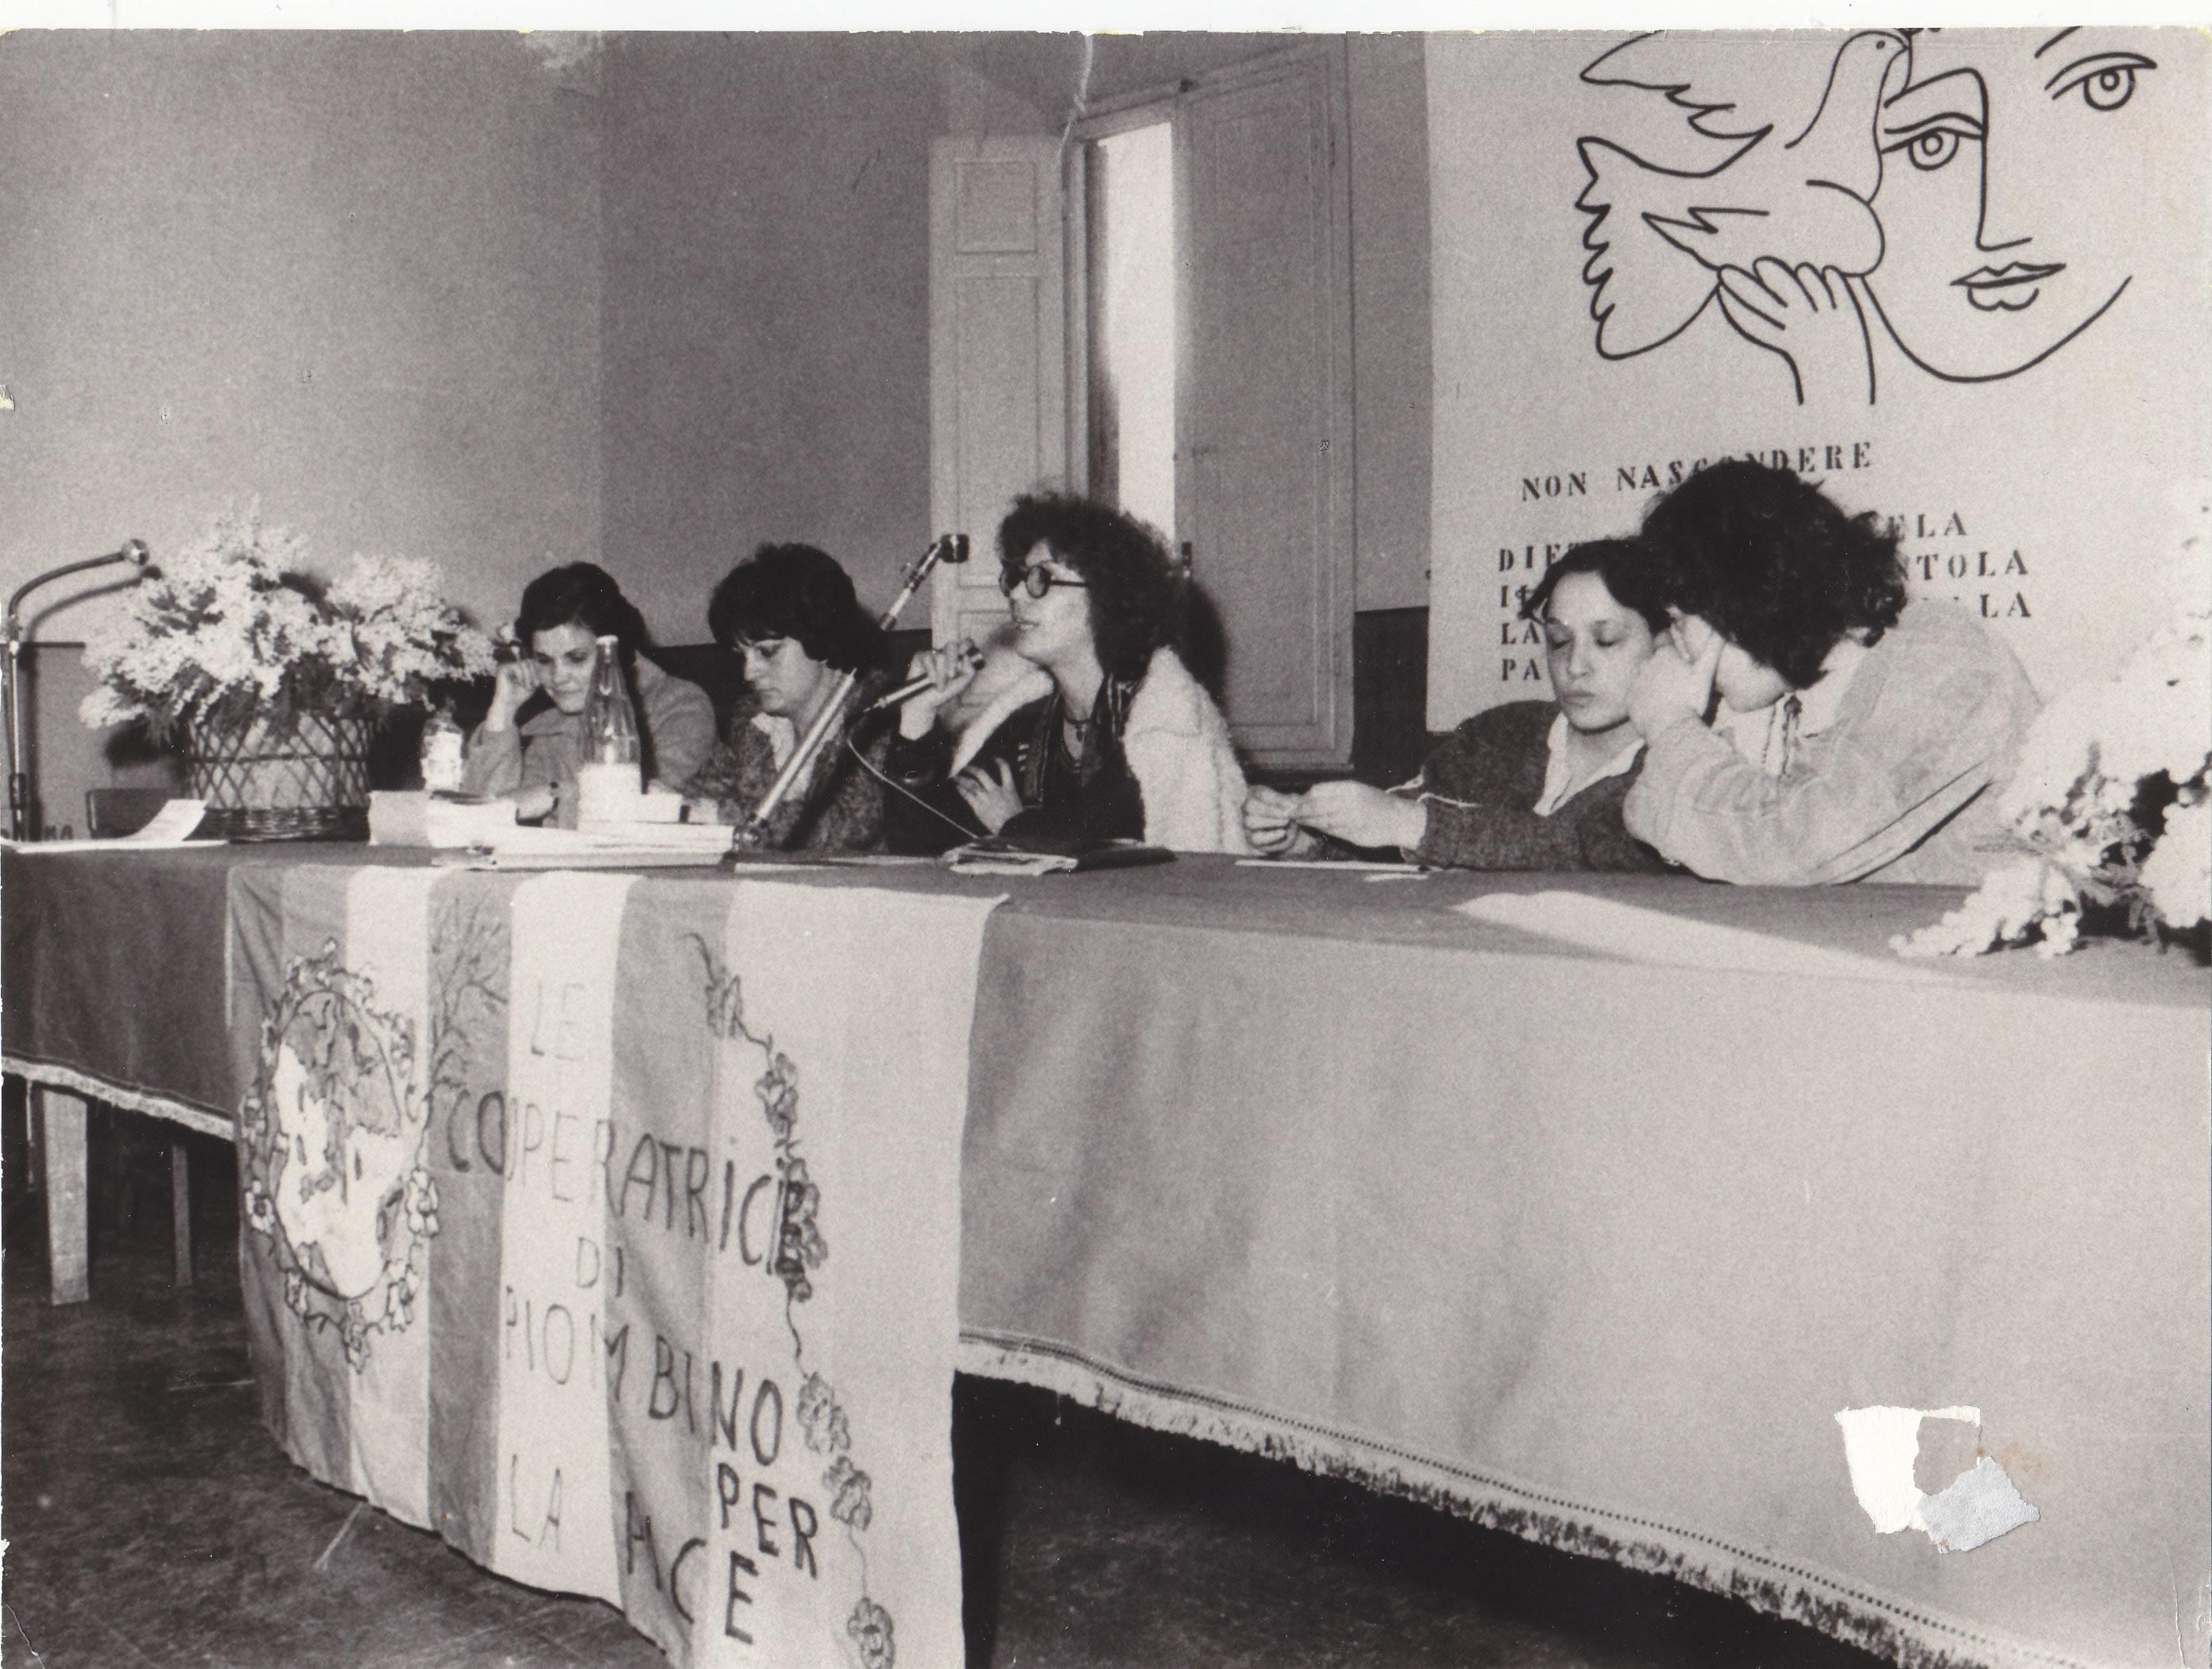 ASUT_Le Cooperatrici_di_Piombino_per_la_pace_1977